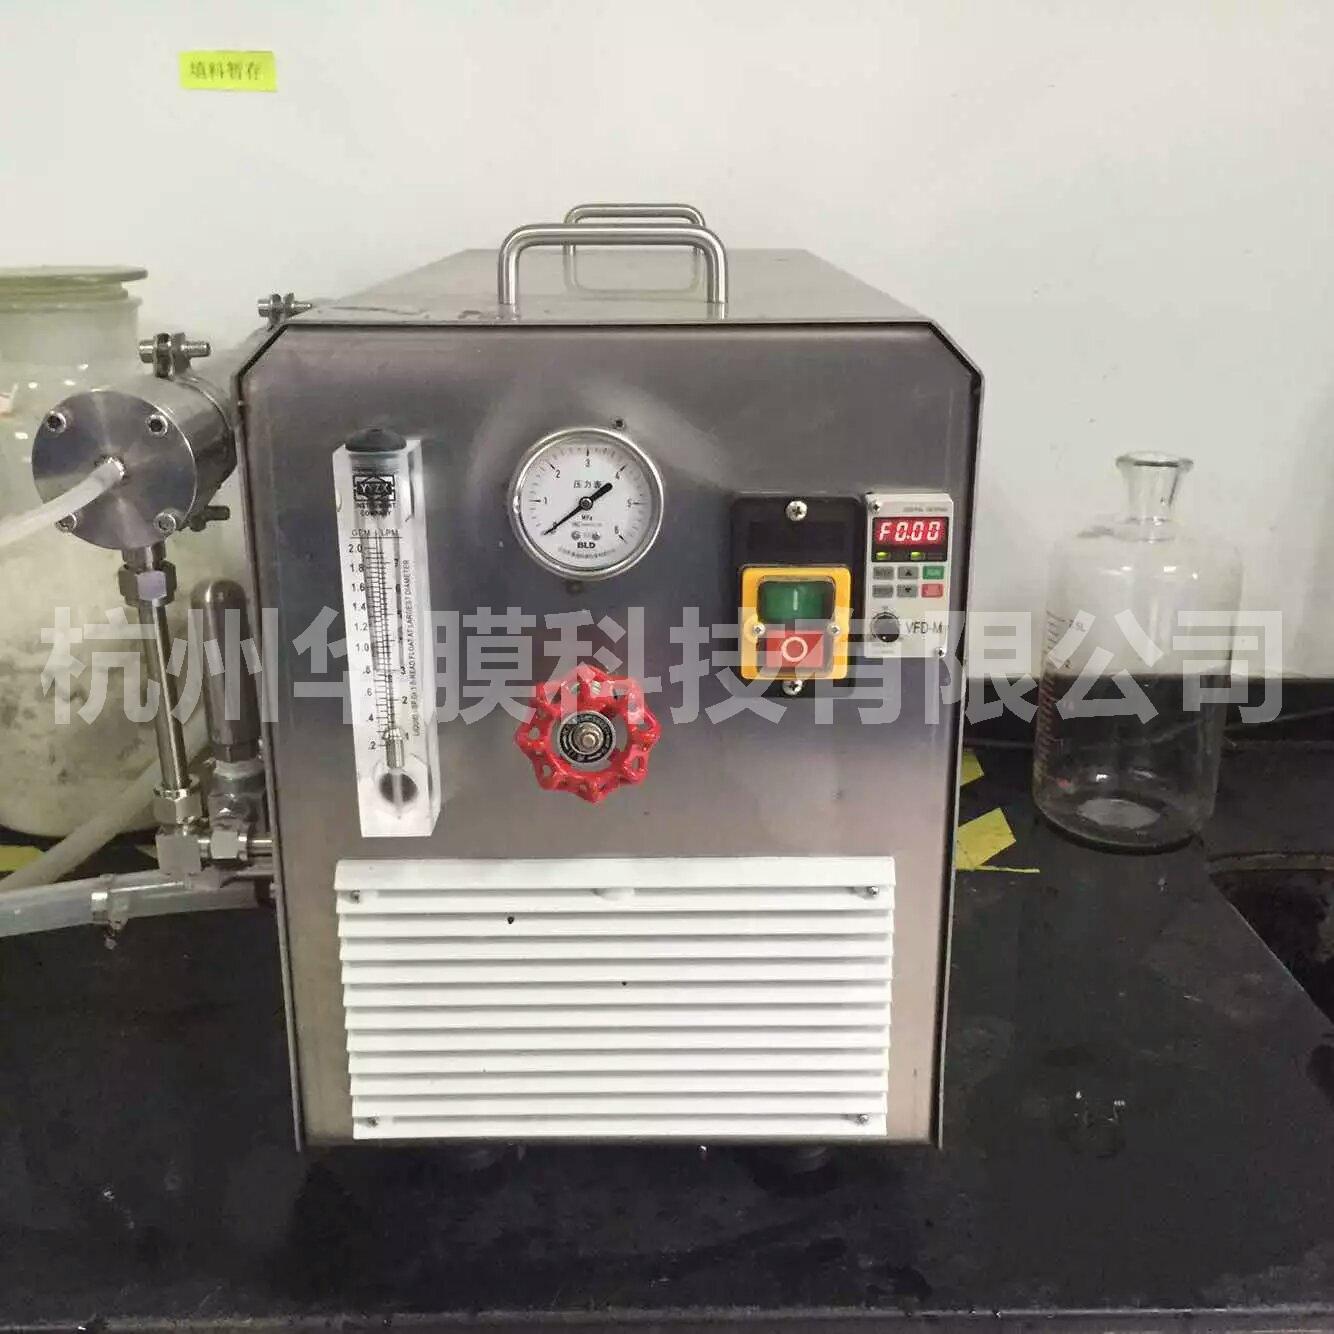 膜过滤实验室小试装置,纳滤膜、反渗透膜小试设备